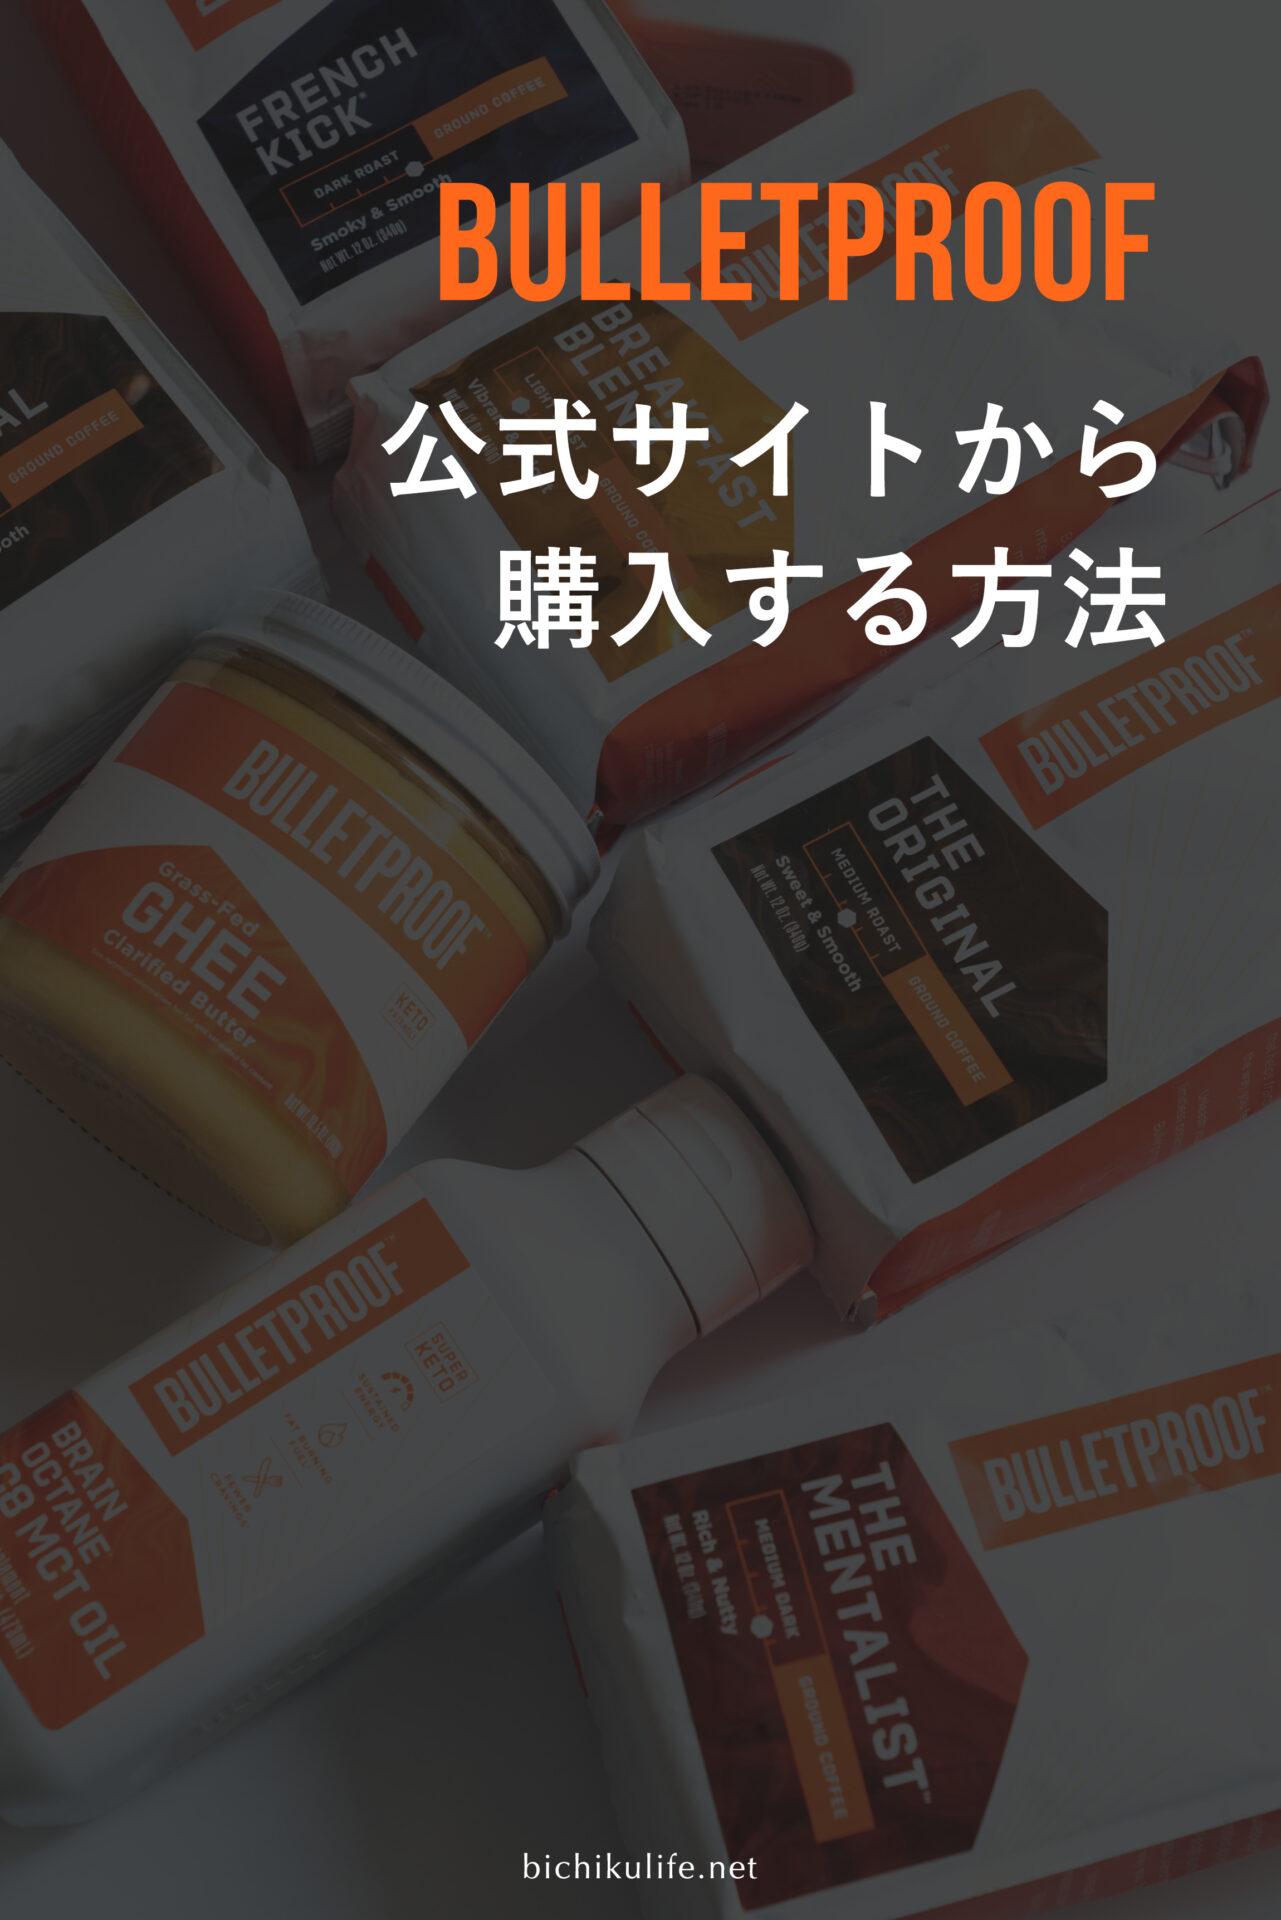 Bulletproof社の公式サイトでMCTオイル・コーヒー豆を日本へ個人輸入する方法・買い方